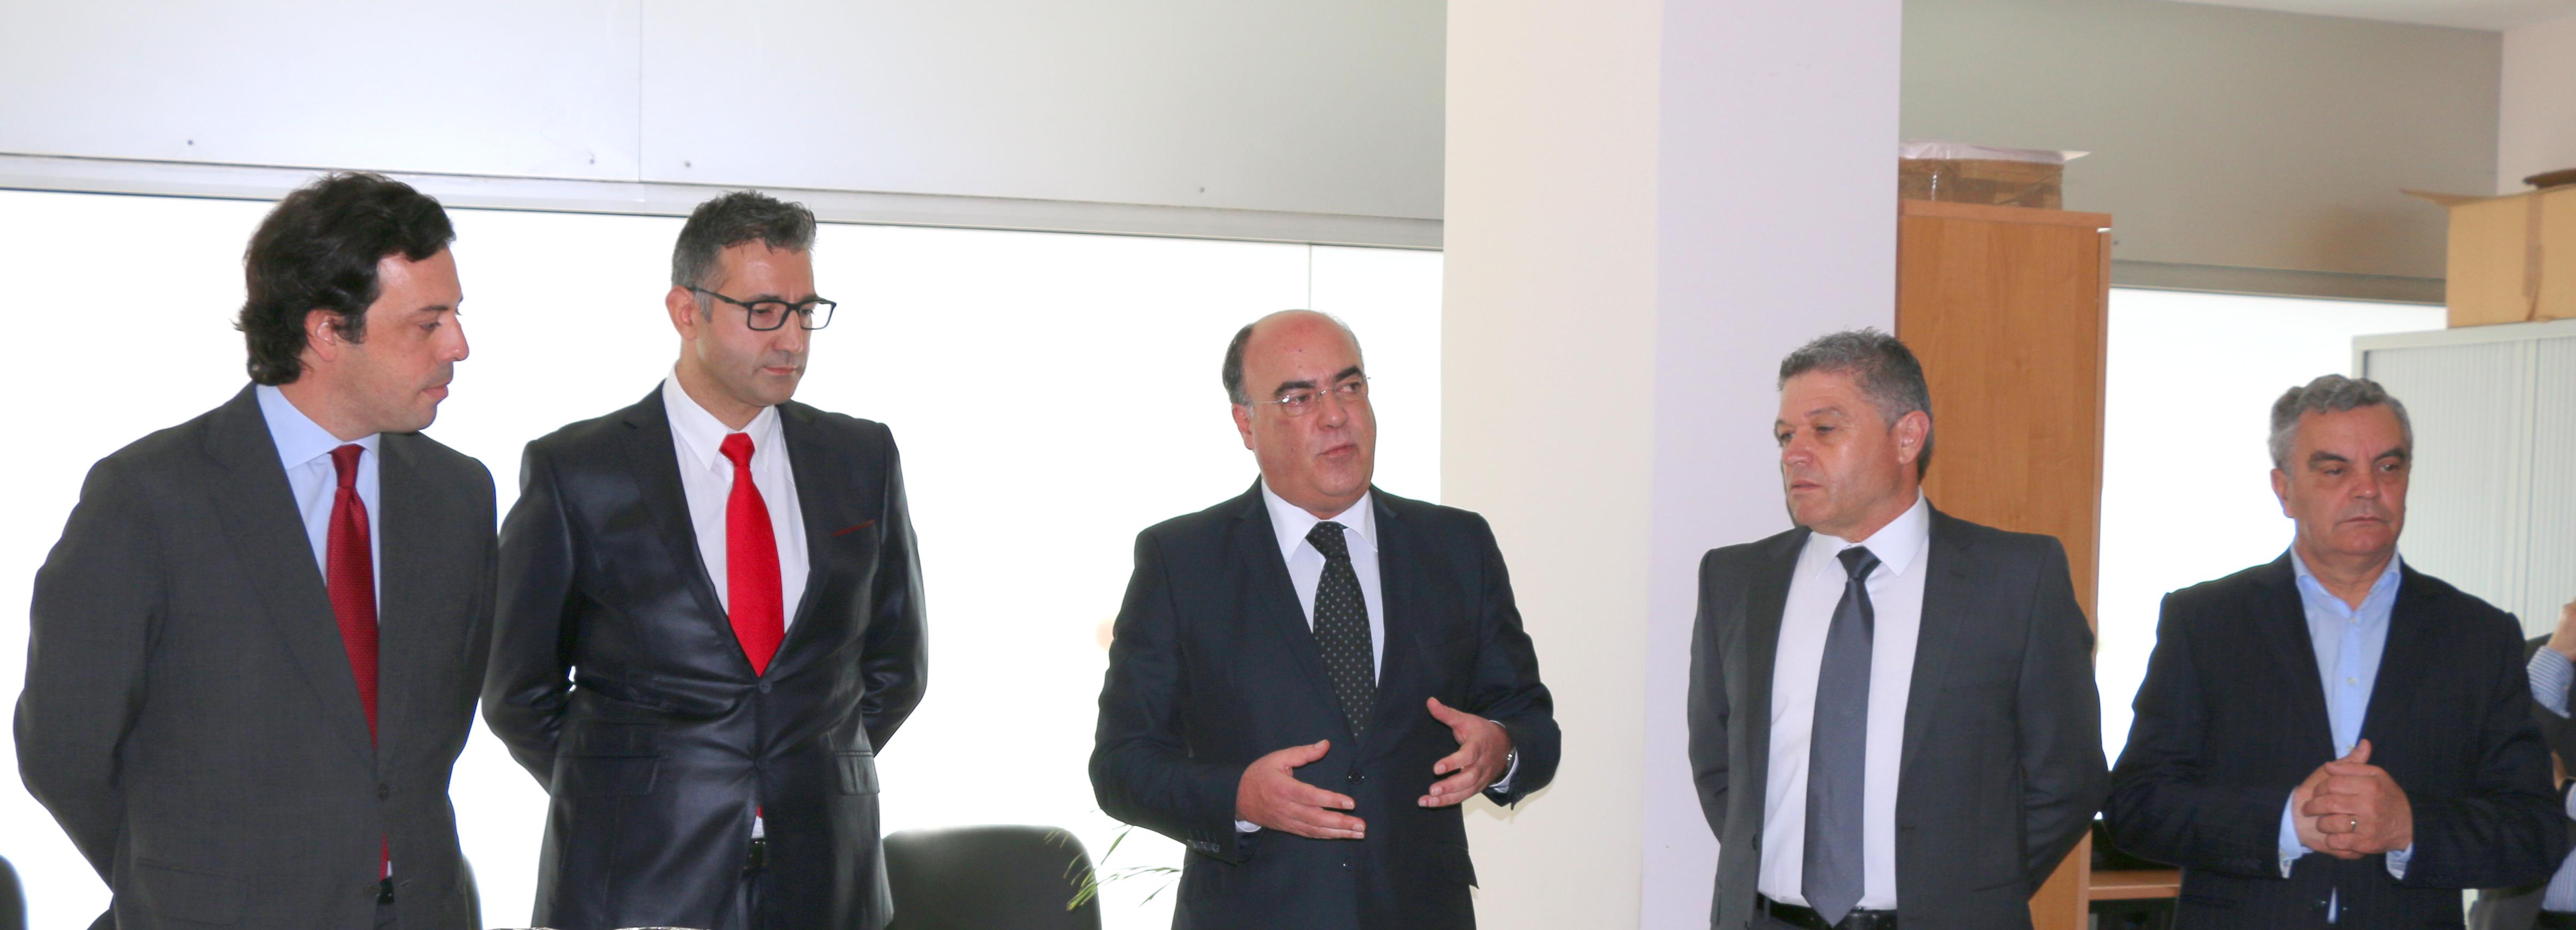 Presidente da Câmara inaugura nova loja da EDP em Barcelos